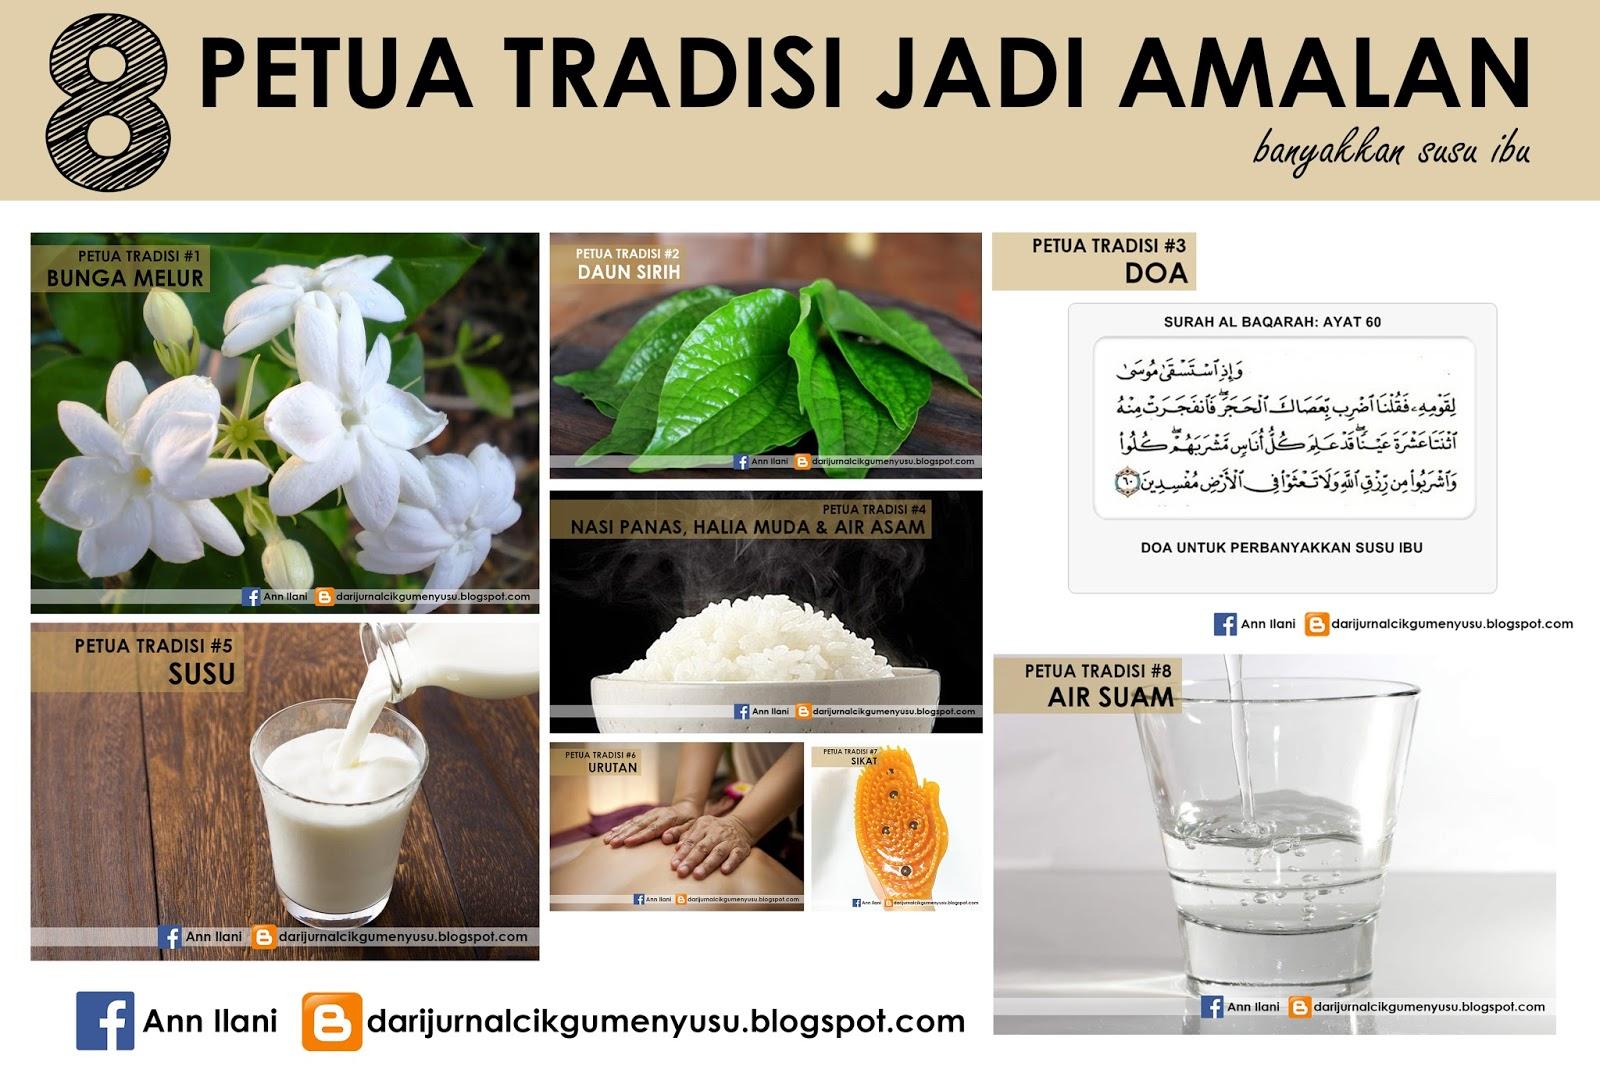 8 Petua Banyakkan Susu Badan Secara Tradisional